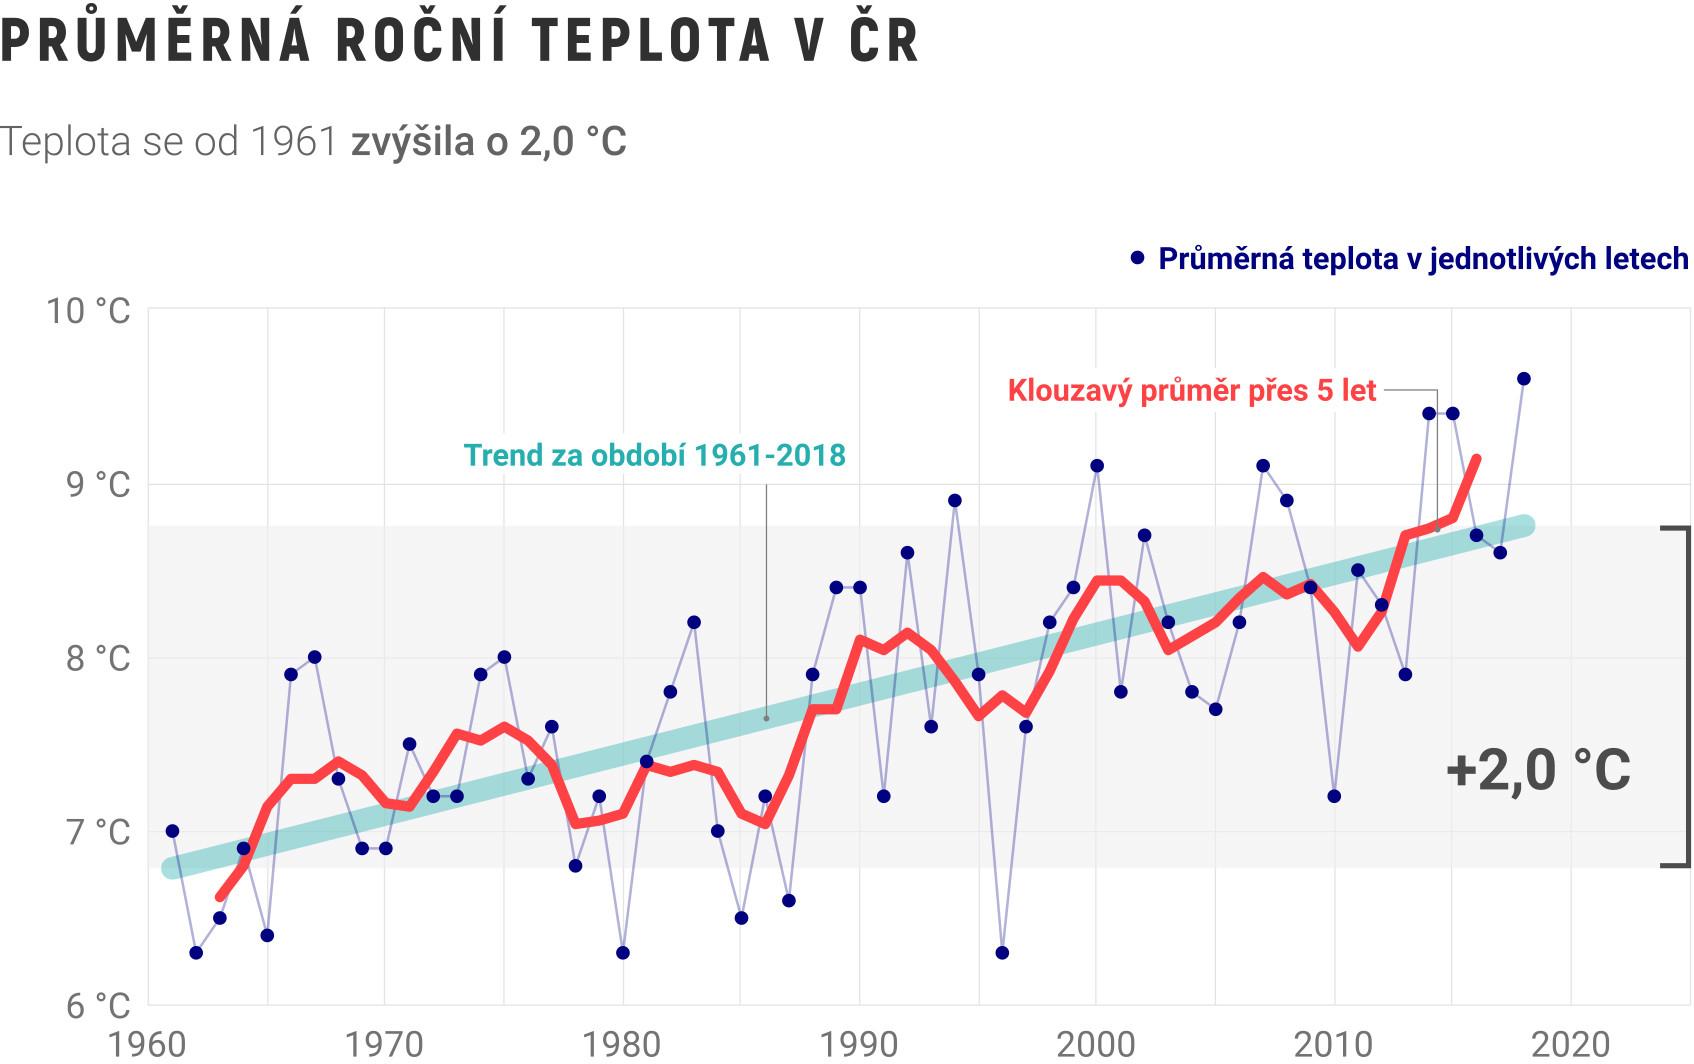 Graf průměrné roční teploty v ČR